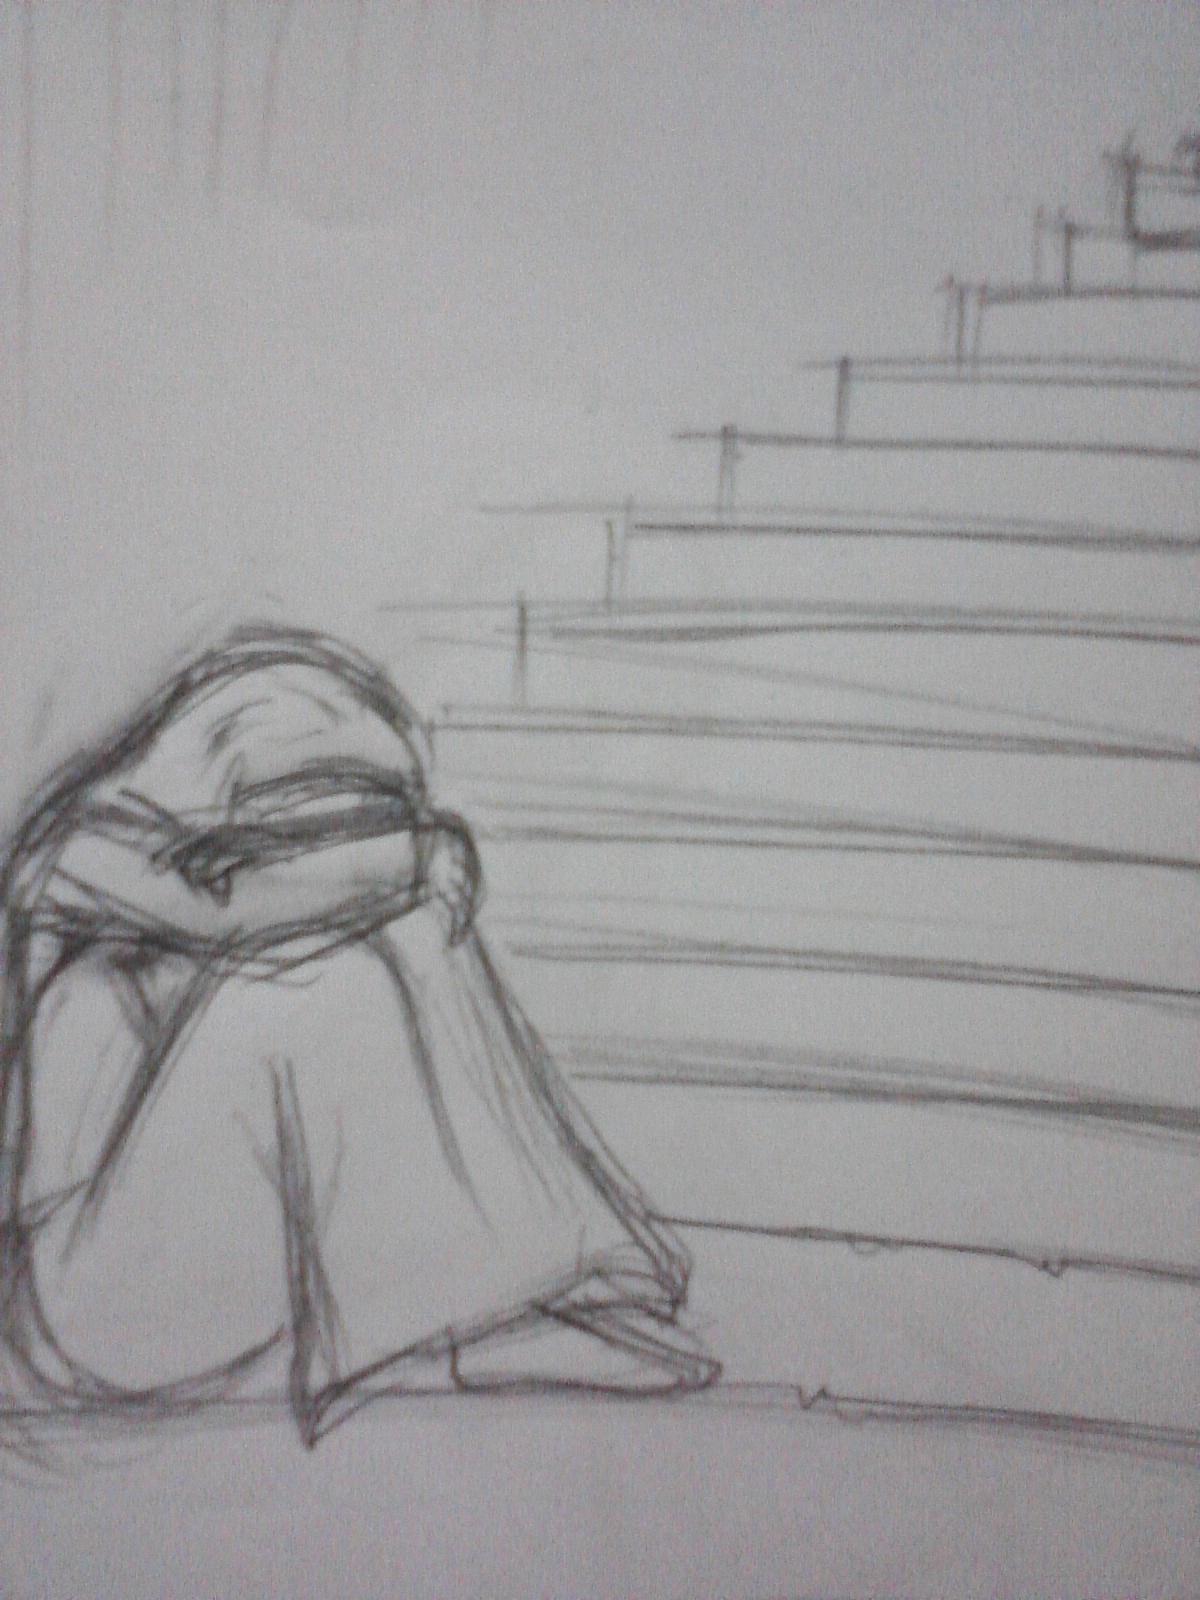 67 Gambar Kartun Sketsa Sedih Gratis Terbaru